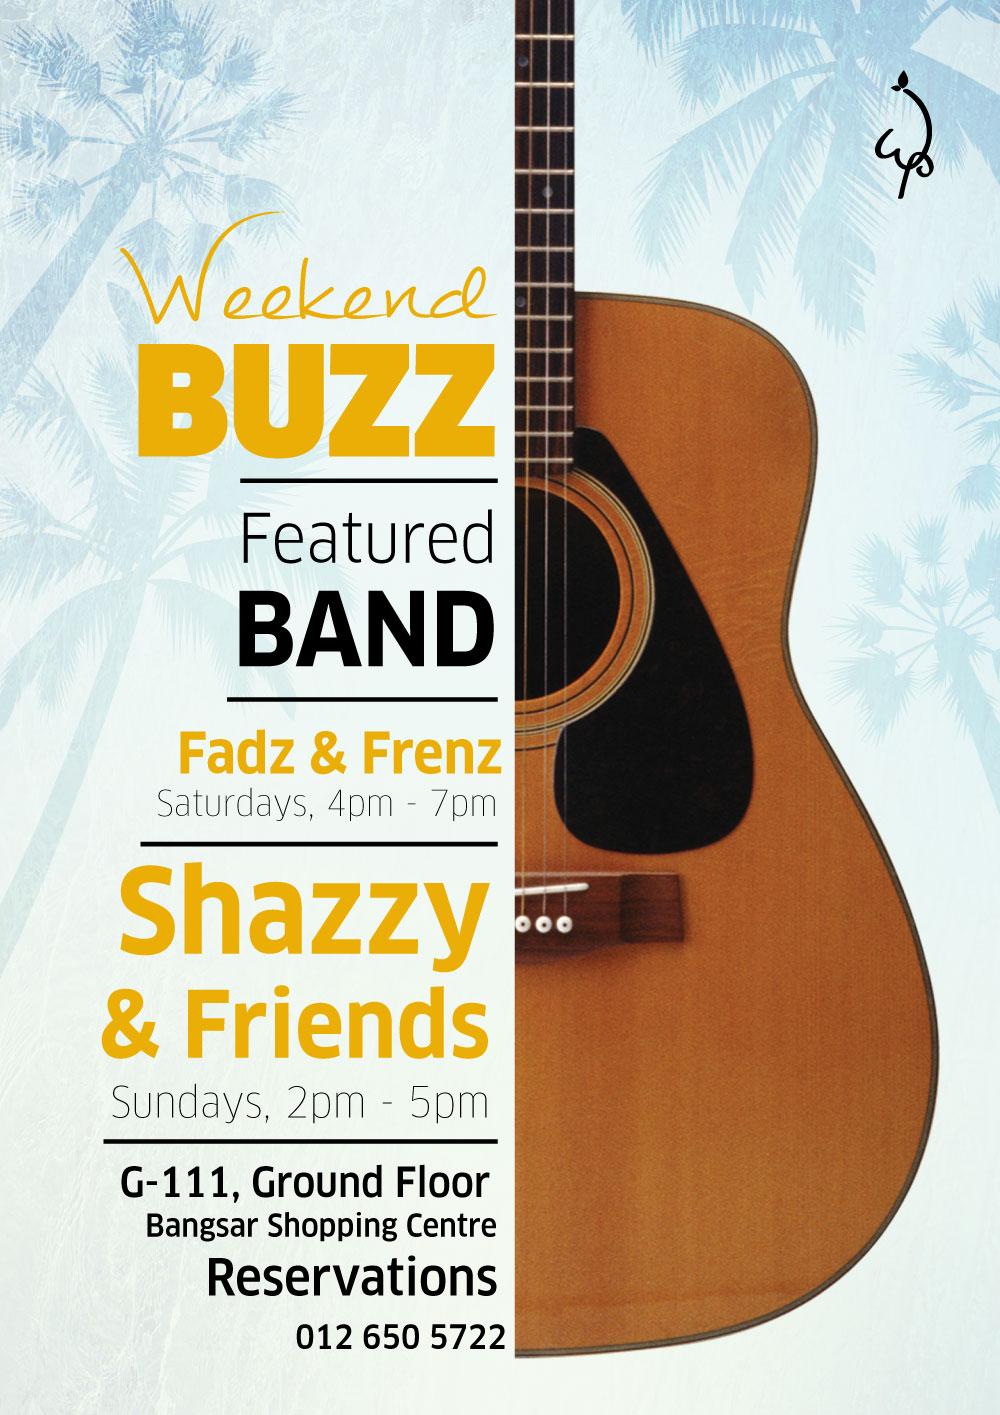 WIP-Weekend-Buzz-FB-Visual_June18